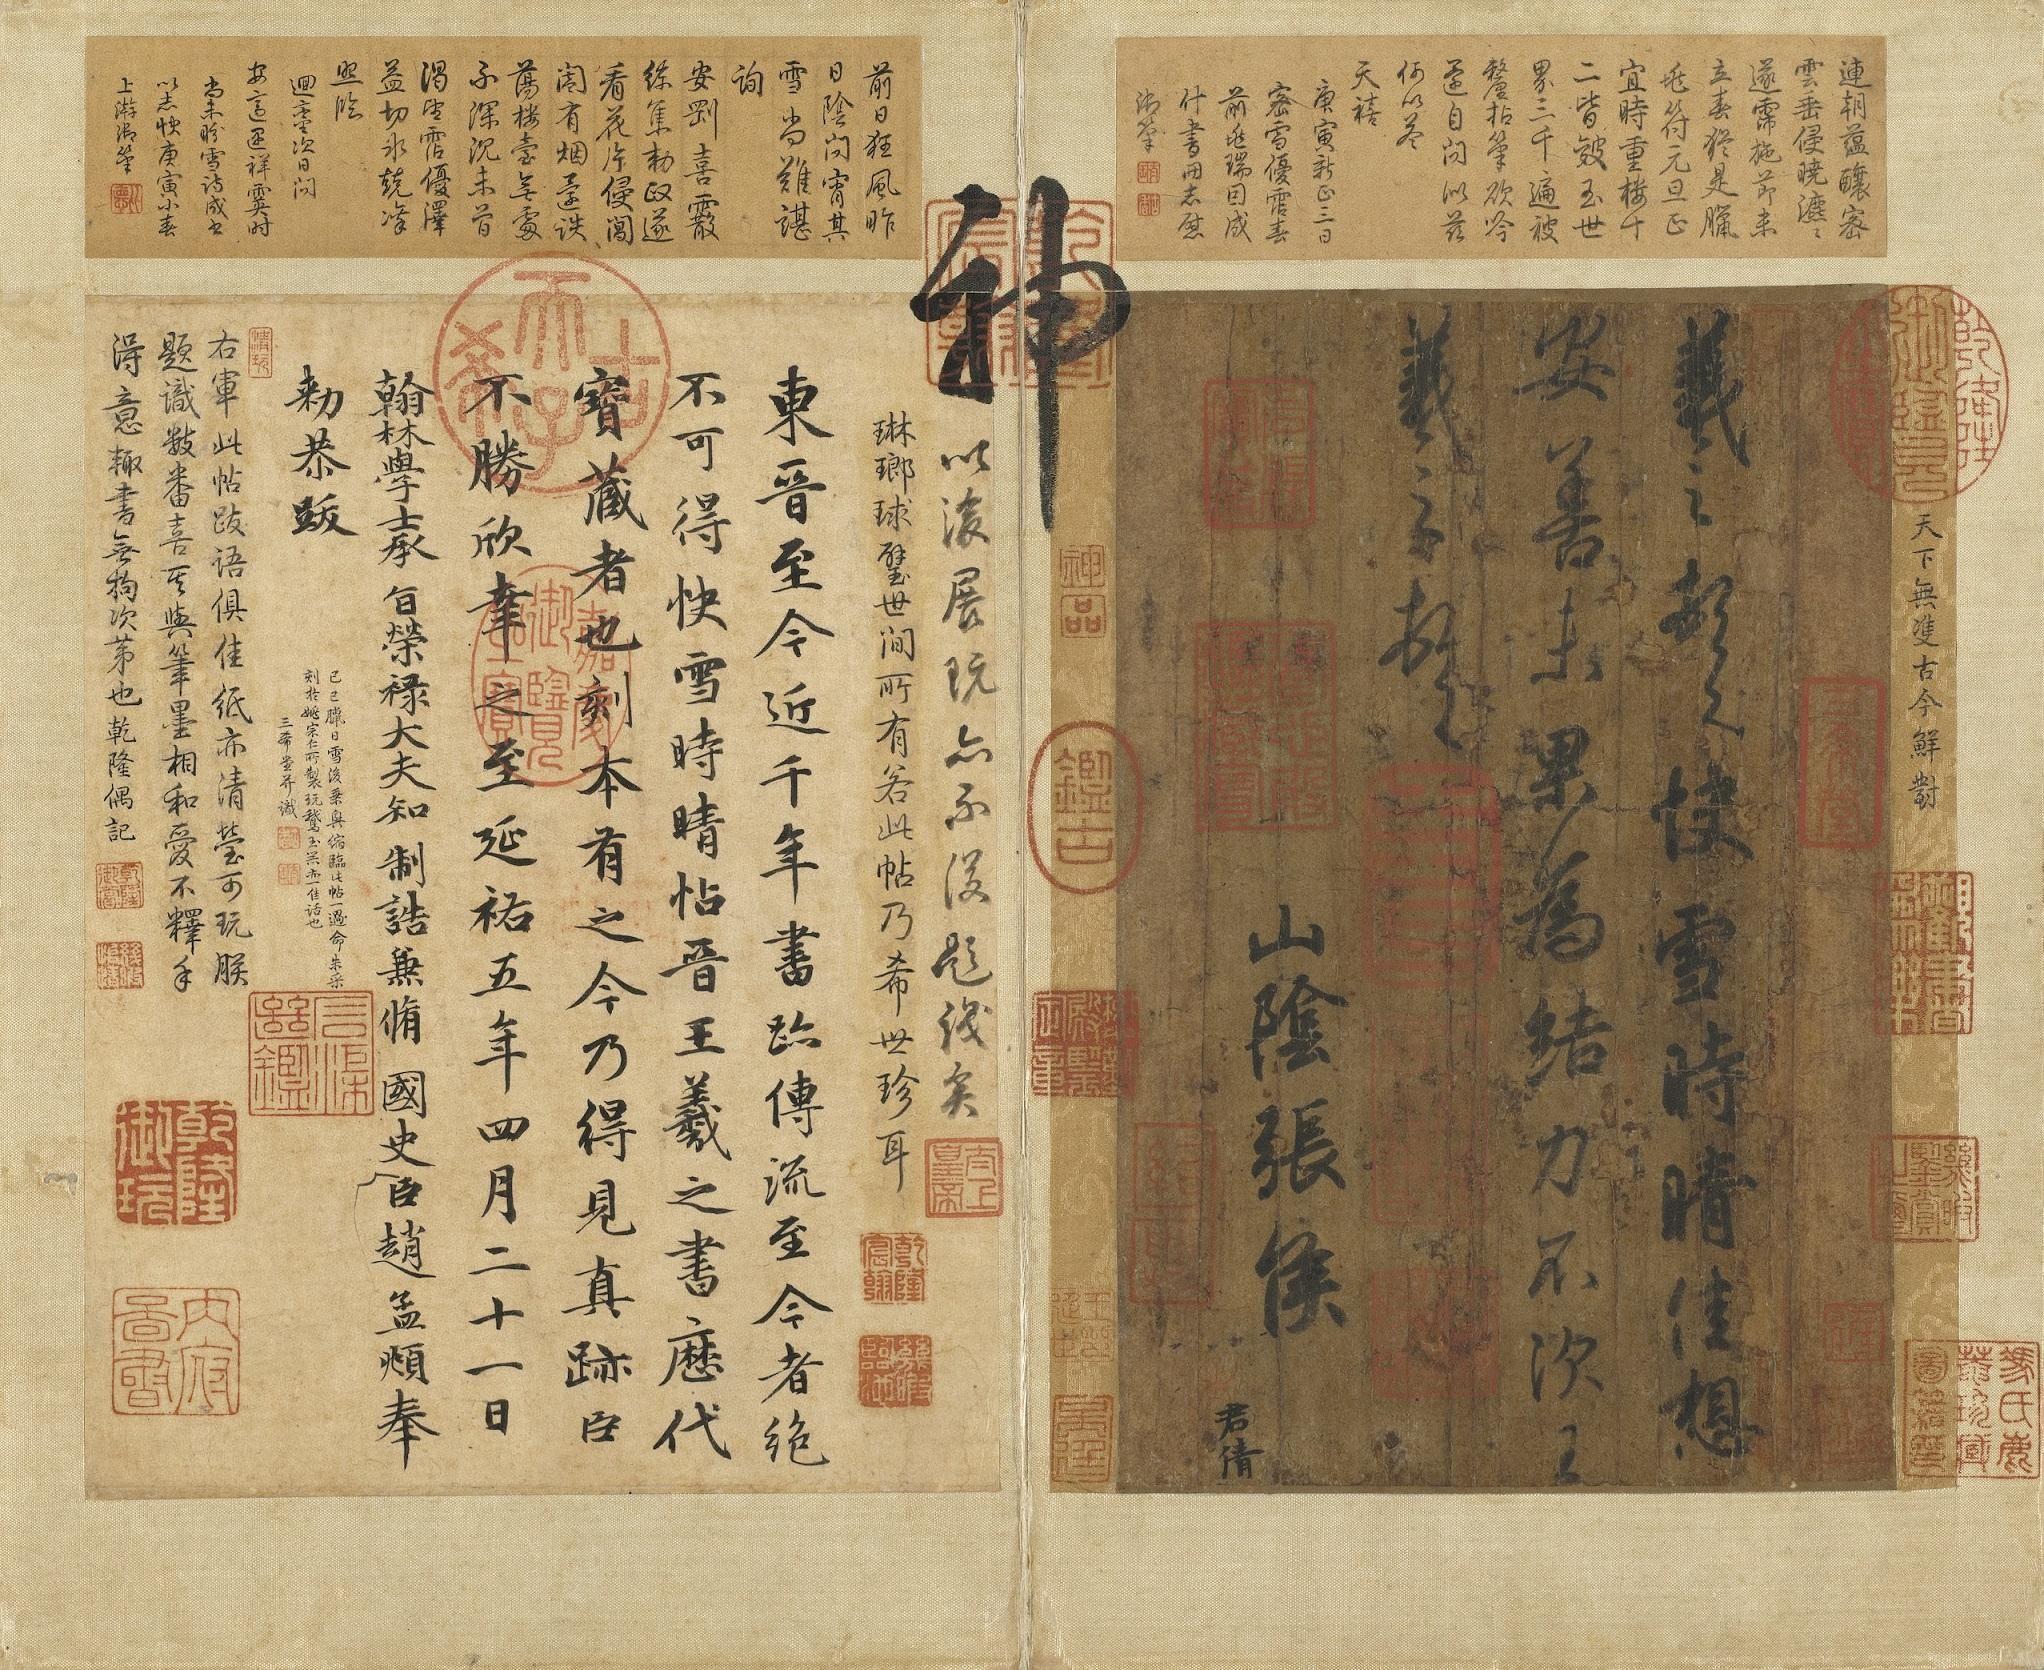 中华十大传世名帖欣赏 《赤壁赋》 《后赤壁赋》